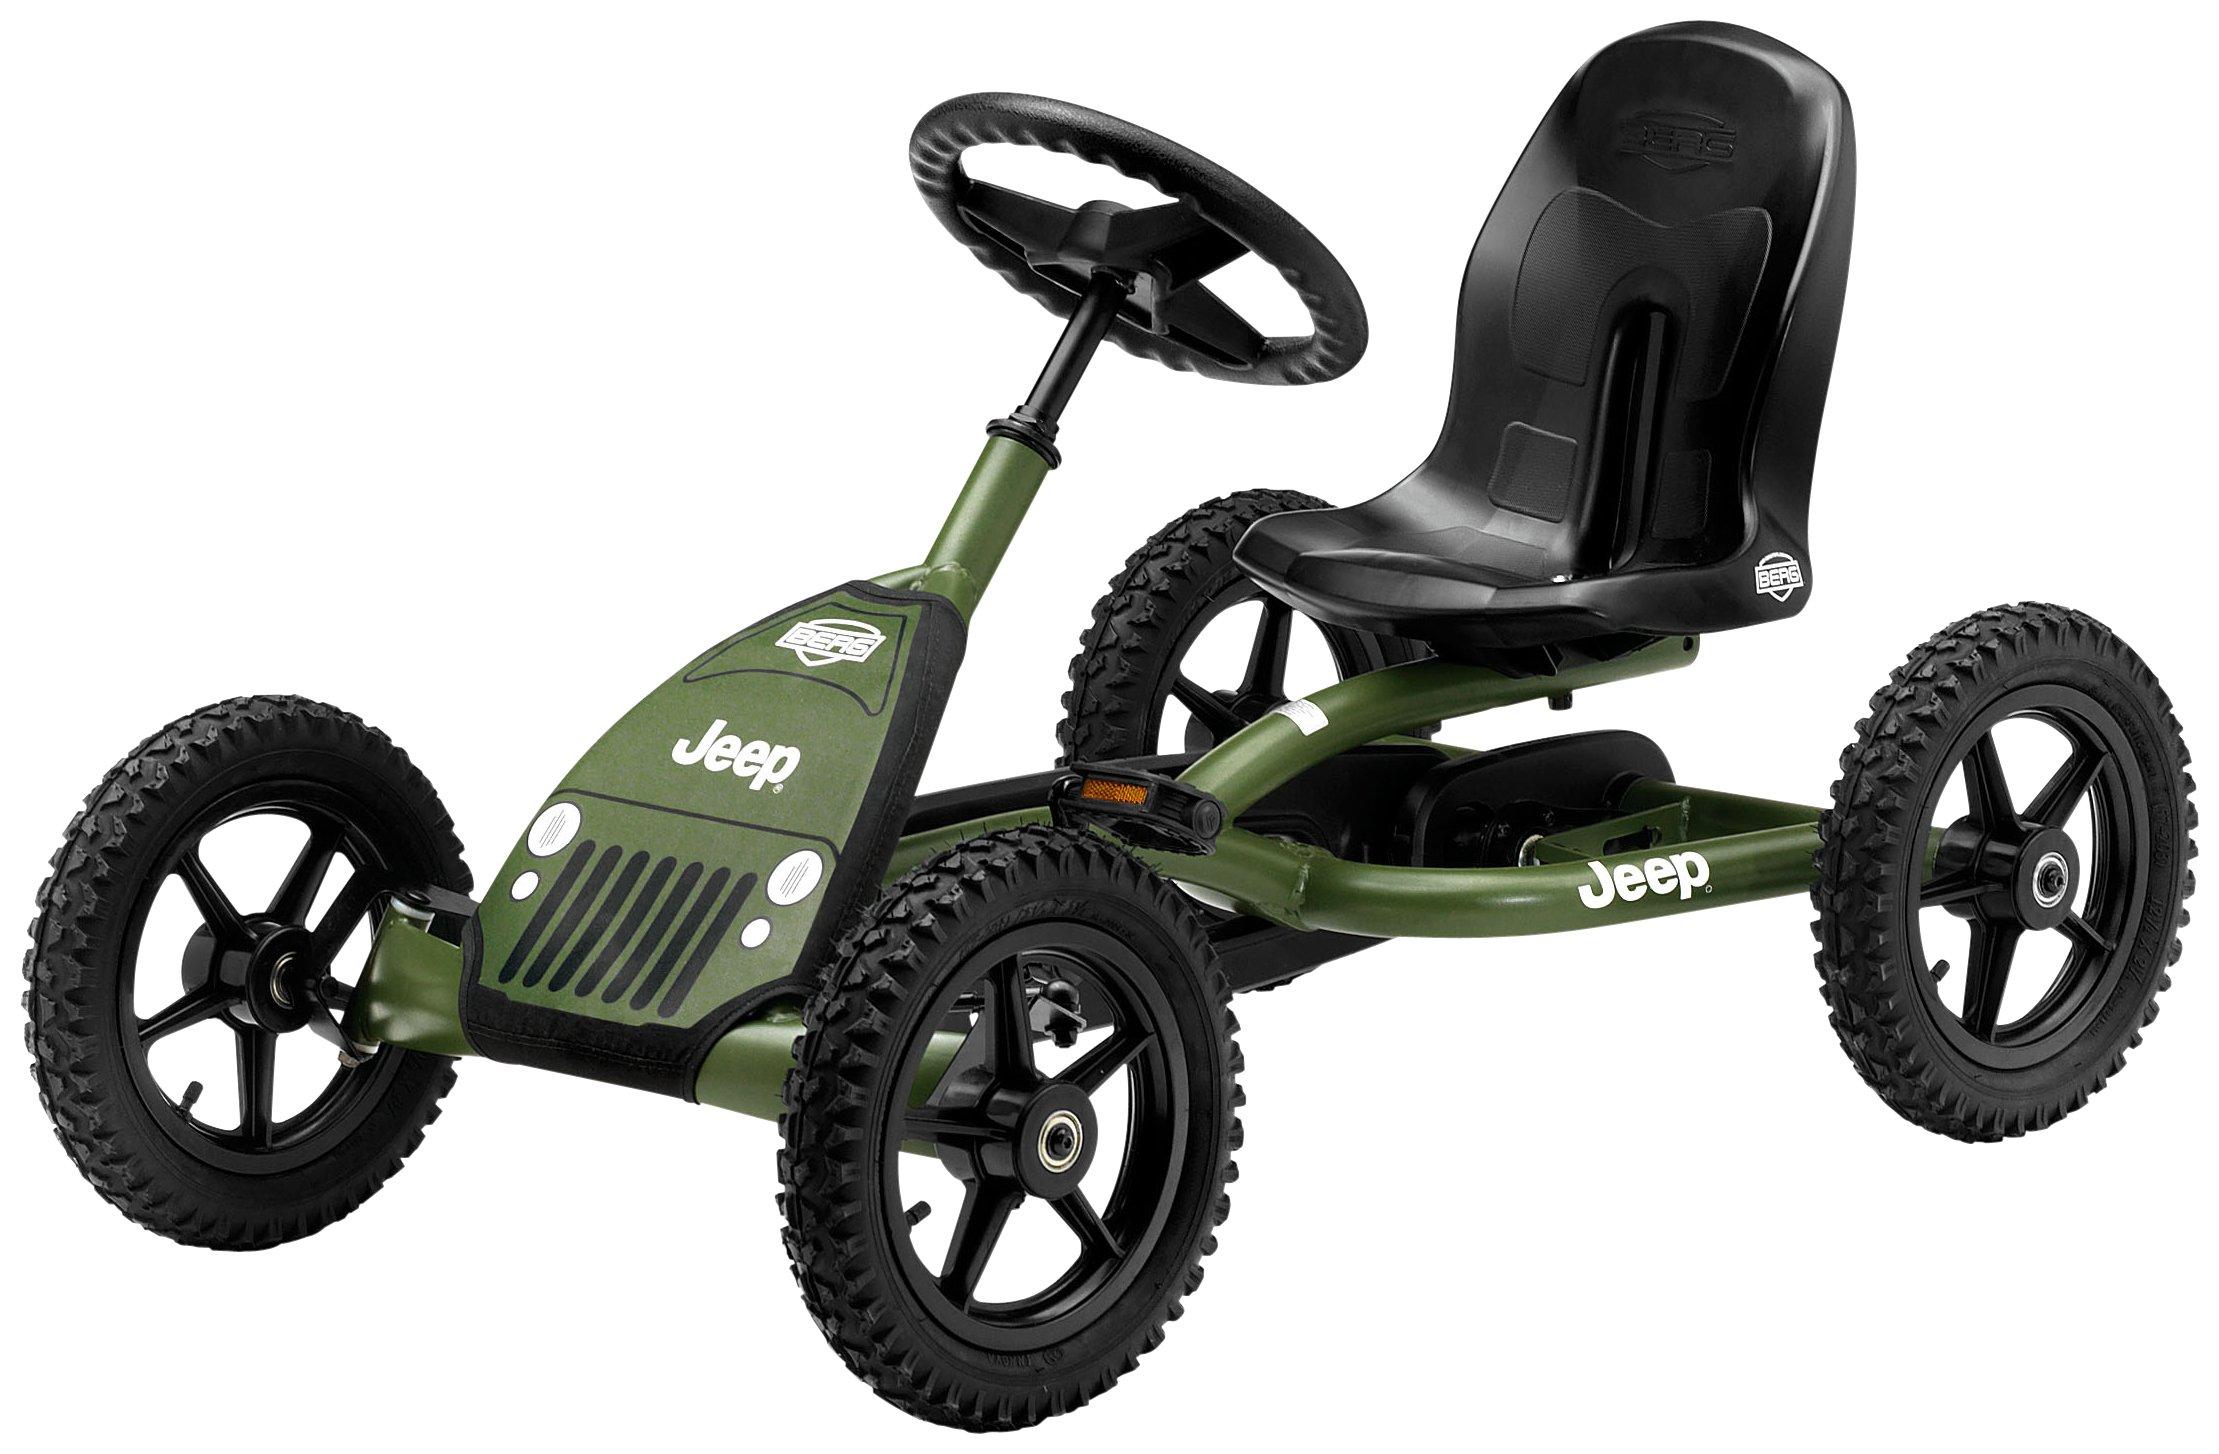 Berg Toys - 24.21.34 - Vélo et Véhicule pour Enfant - Jeep Junior e2e3a6c9cab